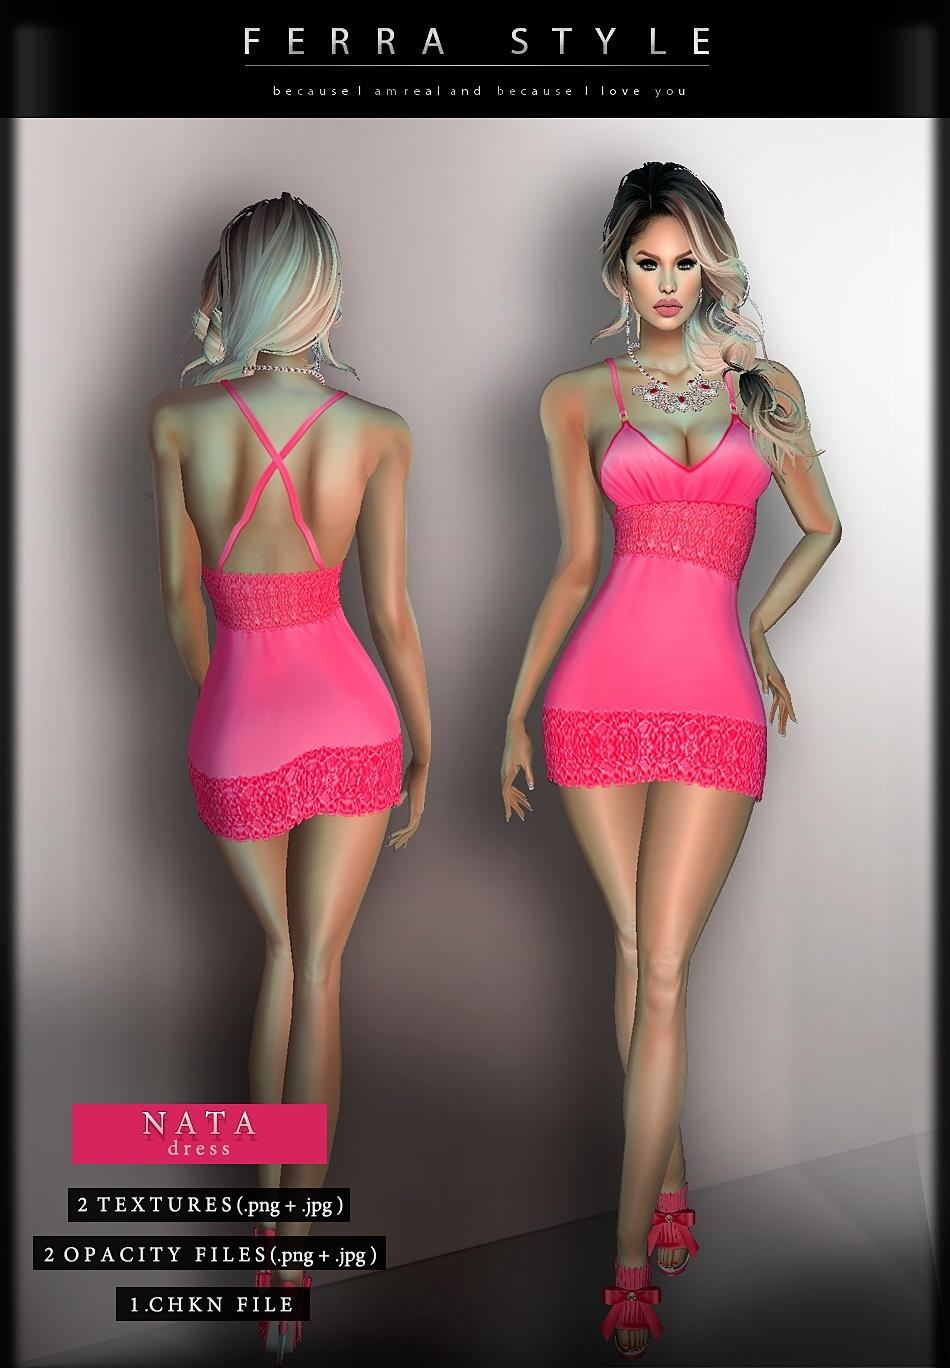 :: NATA DRESS ::